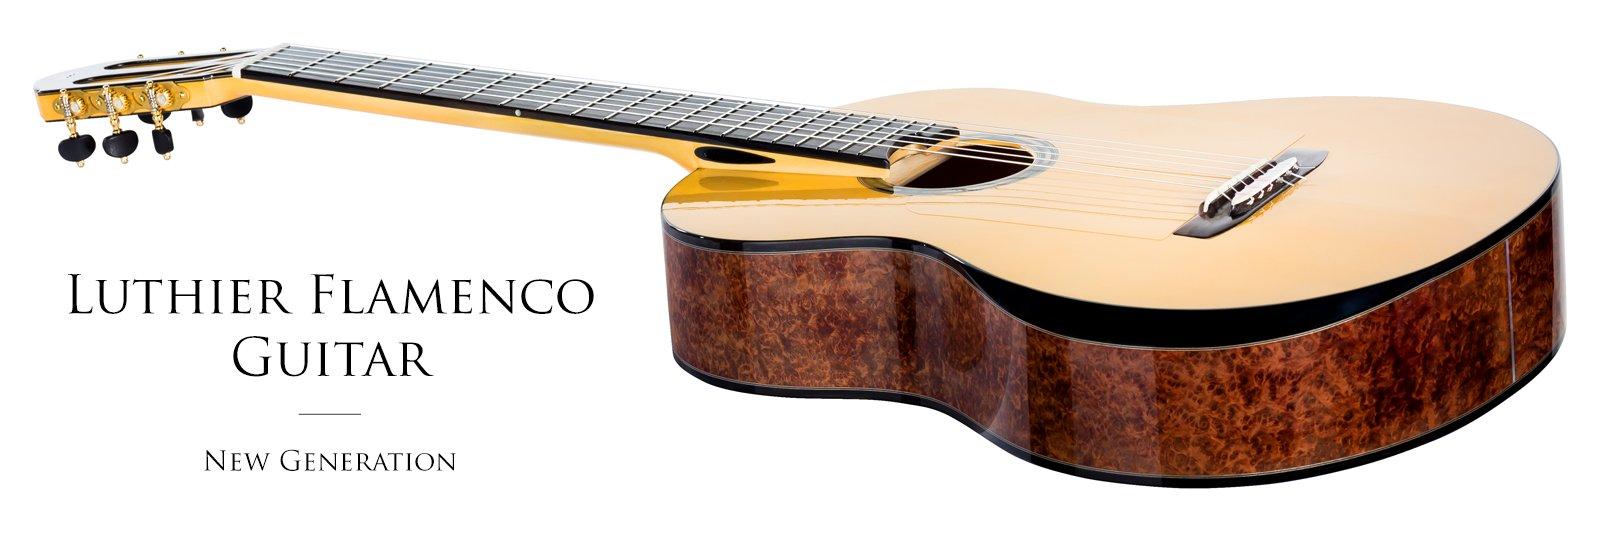 Luthier handmade flamenco guitar